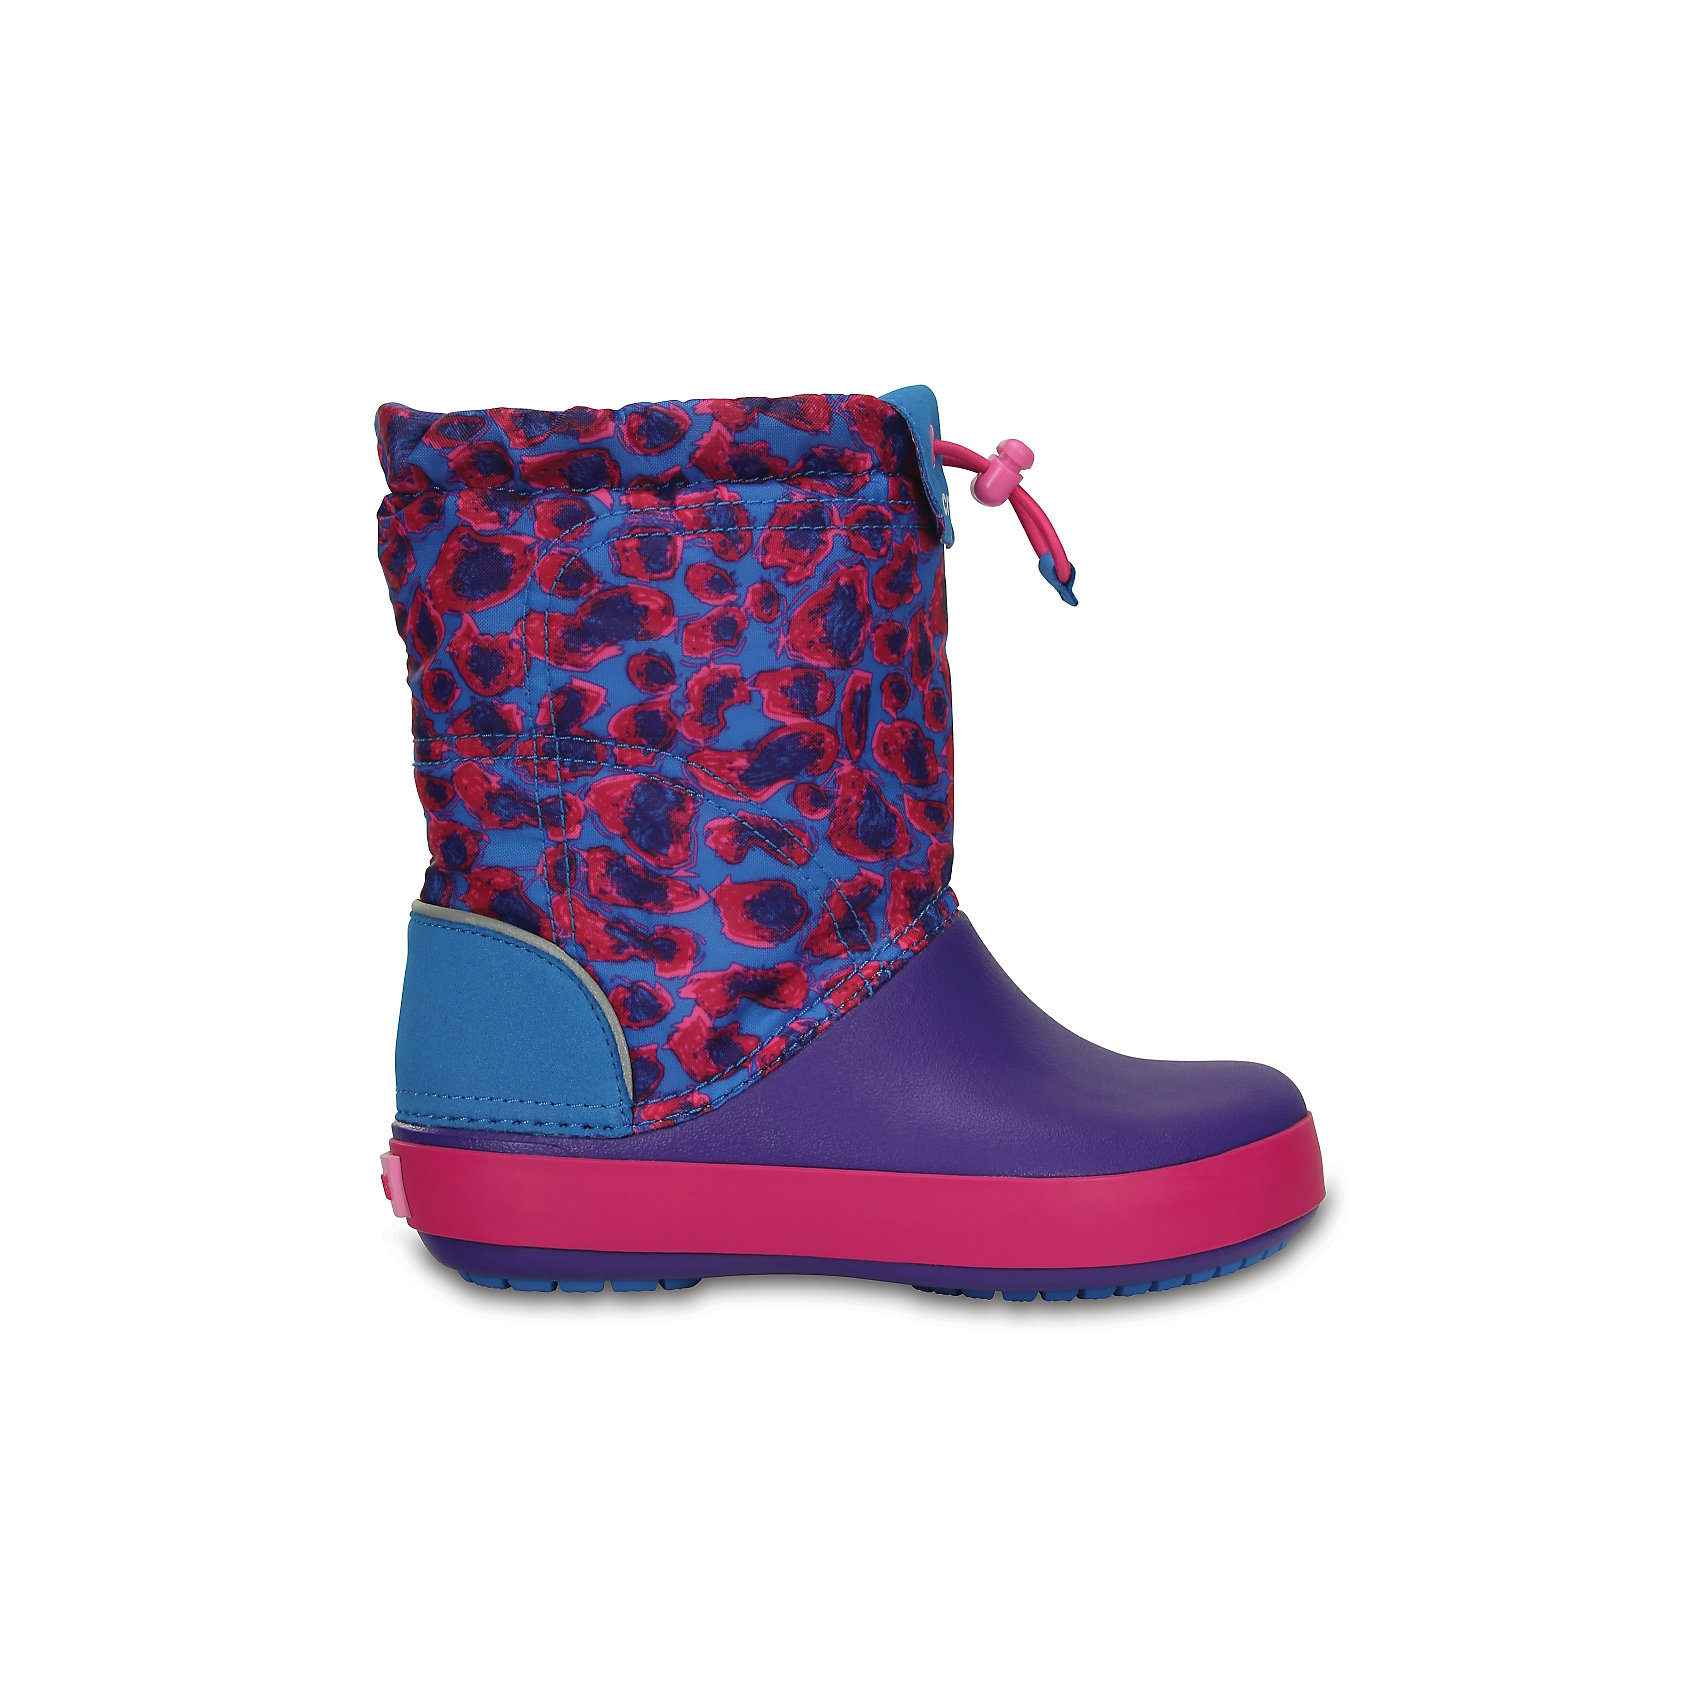 Сапоги Kids' Crocband LodgePoint Graphic Boot CROCSСноубутсы<br>Характеристики товара:<br><br>• цвет: фиолетовый/синий<br>• материал: верх - текстиль, низ -100% полимер Croslite™<br>• материал подкладки: текстиль<br>• непромокаемая носочная часть<br>• температурный режим: от -15° до +10° С<br>• легко очищаются<br>• антискользящая подошва<br>• шнурок со стоппером<br>• толстая устойчивая подошва<br>• страна бренда: США<br>• страна изготовитель: Китай<br><br>Сапоги могут быть и стильными, и теплыми! Для детской обуви крайне важно, чтобы она была удобной. Такие сапоги обеспечивают детям необходимый комфорт, а теплая подкладка создает особый микроклимат. Сапоги легко надеваются и снимаются, отлично сидят на ноге. Материал, из которого они сделаны, не дает размножаться бактериям, поэтому такая обувь препятствует образованию неприятного запаха и появлению болезней стоп. Данная модель особенно понравится детям - ведь в них можно бегать по лужам!<br>Обувь от американского бренда Crocs в данный момент завоевала широкую популярность во всем мире, и это не удивительно - ведь она невероятно удобна. Её носят врачи, спортсмены, звёзды шоу-бизнеса, люди, которым много времени приходится бывать на ногах - они понимают, как важна комфортная обувь. Продукция Crocs - это качественные товары, созданные с применением новейших технологий. Обувь отличается стильным дизайном и продуманной конструкцией. Изделие производится из качественных и проверенных материалов, которые безопасны для детей.<br><br>Сапоги для девочки от торговой марки Crocs можно купить в нашем интернет-магазине.<br><br>Ширина мм: 257<br>Глубина мм: 180<br>Высота мм: 130<br>Вес г: 420<br>Цвет: фиолетовый<br>Возраст от месяцев: 48<br>Возраст до месяцев: 60<br>Пол: Женский<br>Возраст: Детский<br>Размер: 28,34/35,27,29,30,23,24,25,26,31/32,33/34<br>SKU: 5027415